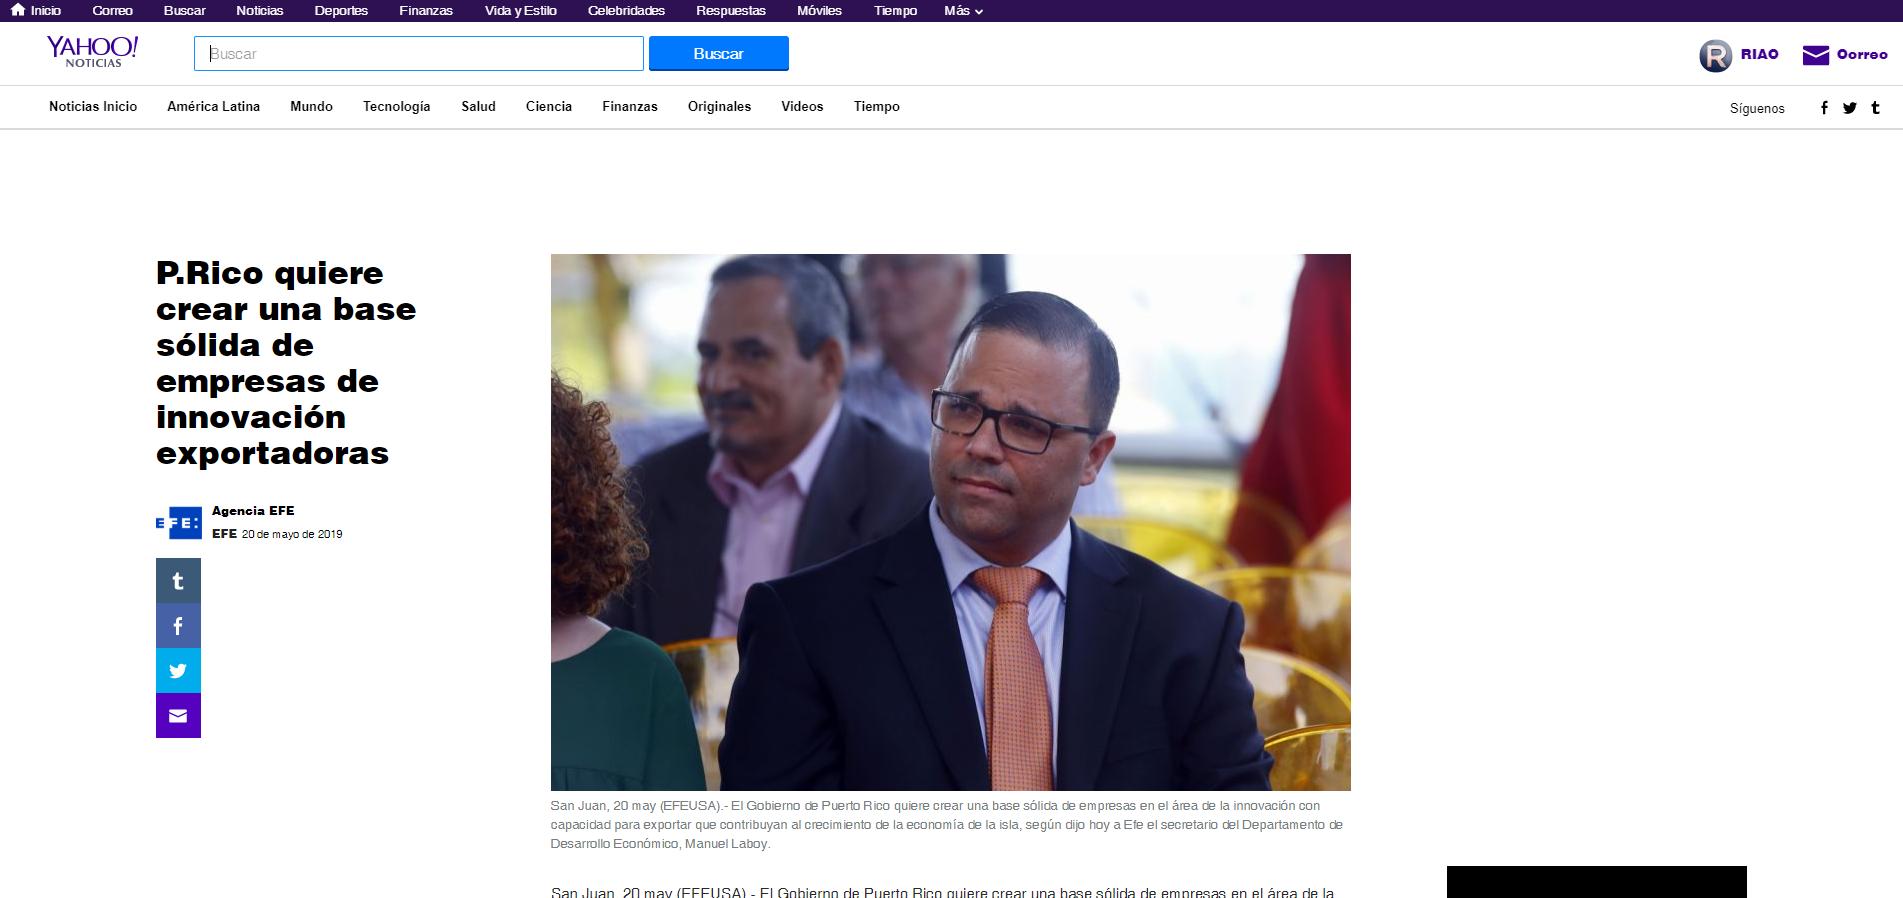 """""""P.Rico Quiere Crear una Base Sólida de Empresas de Innovación Exportadoras"""", Agencia EFE, May 20,2019"""